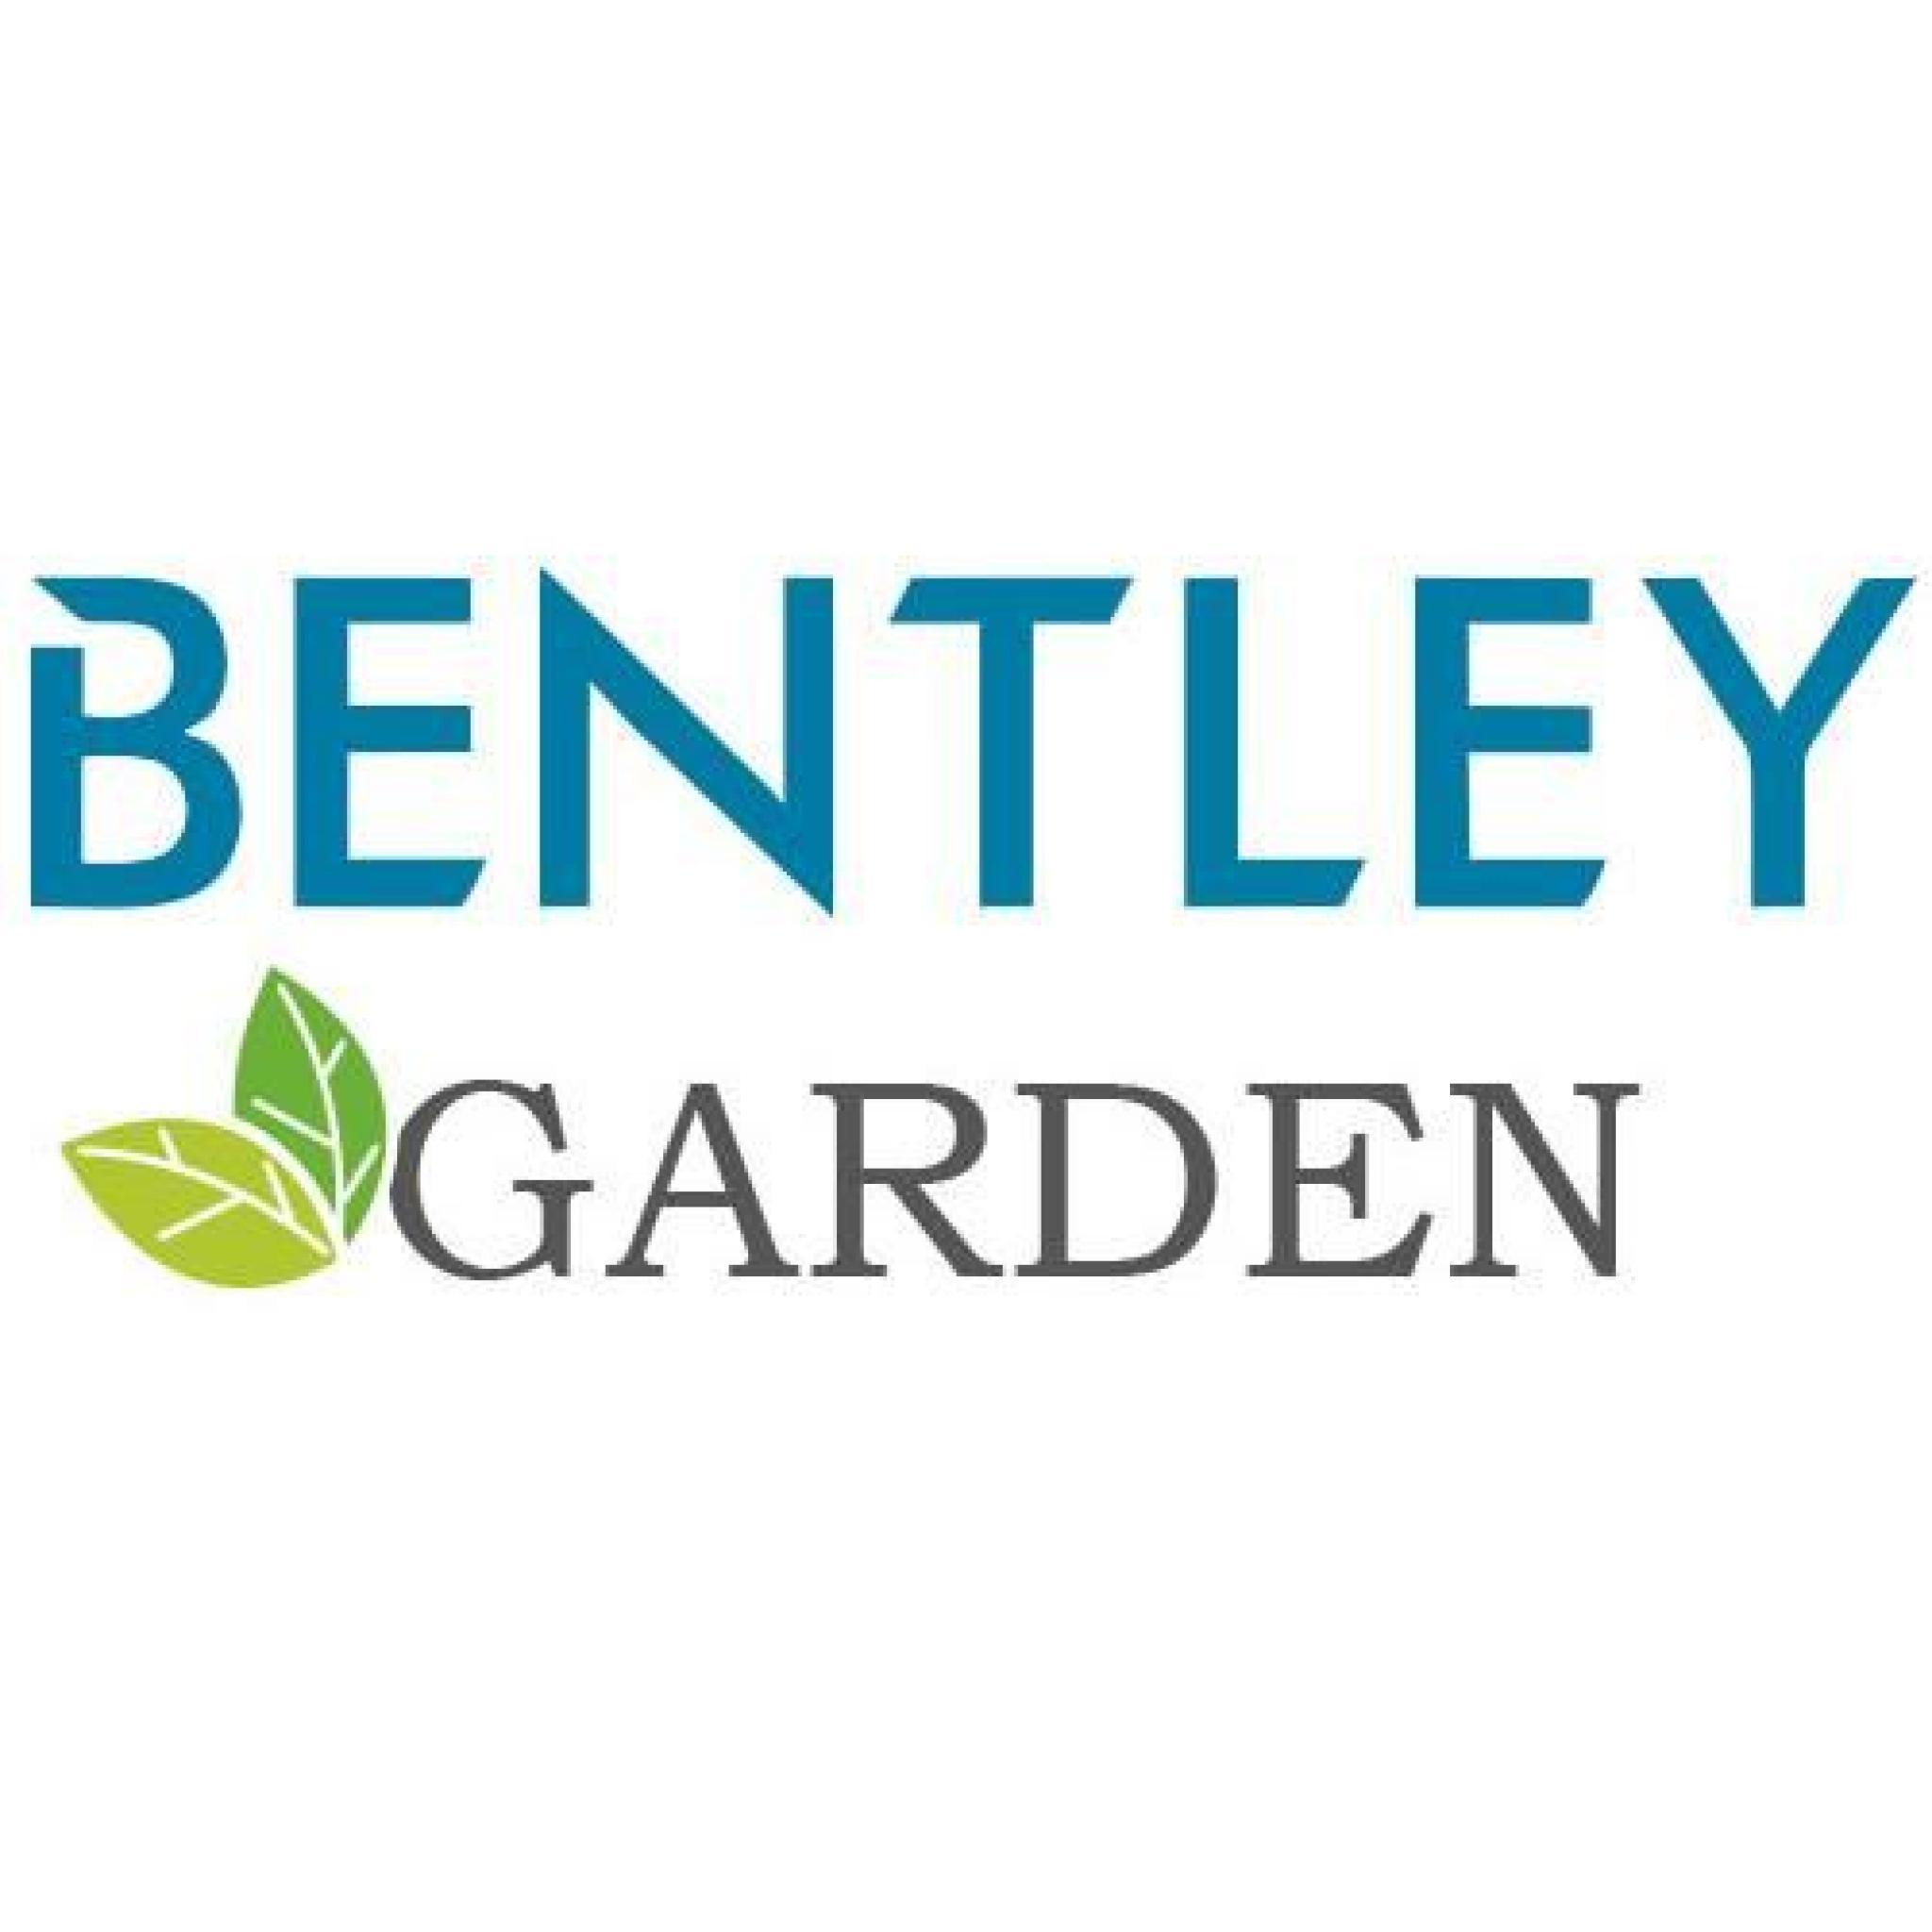 Bentley Garden - Salon de jardin de qualité - aluminium moulé - pour ...